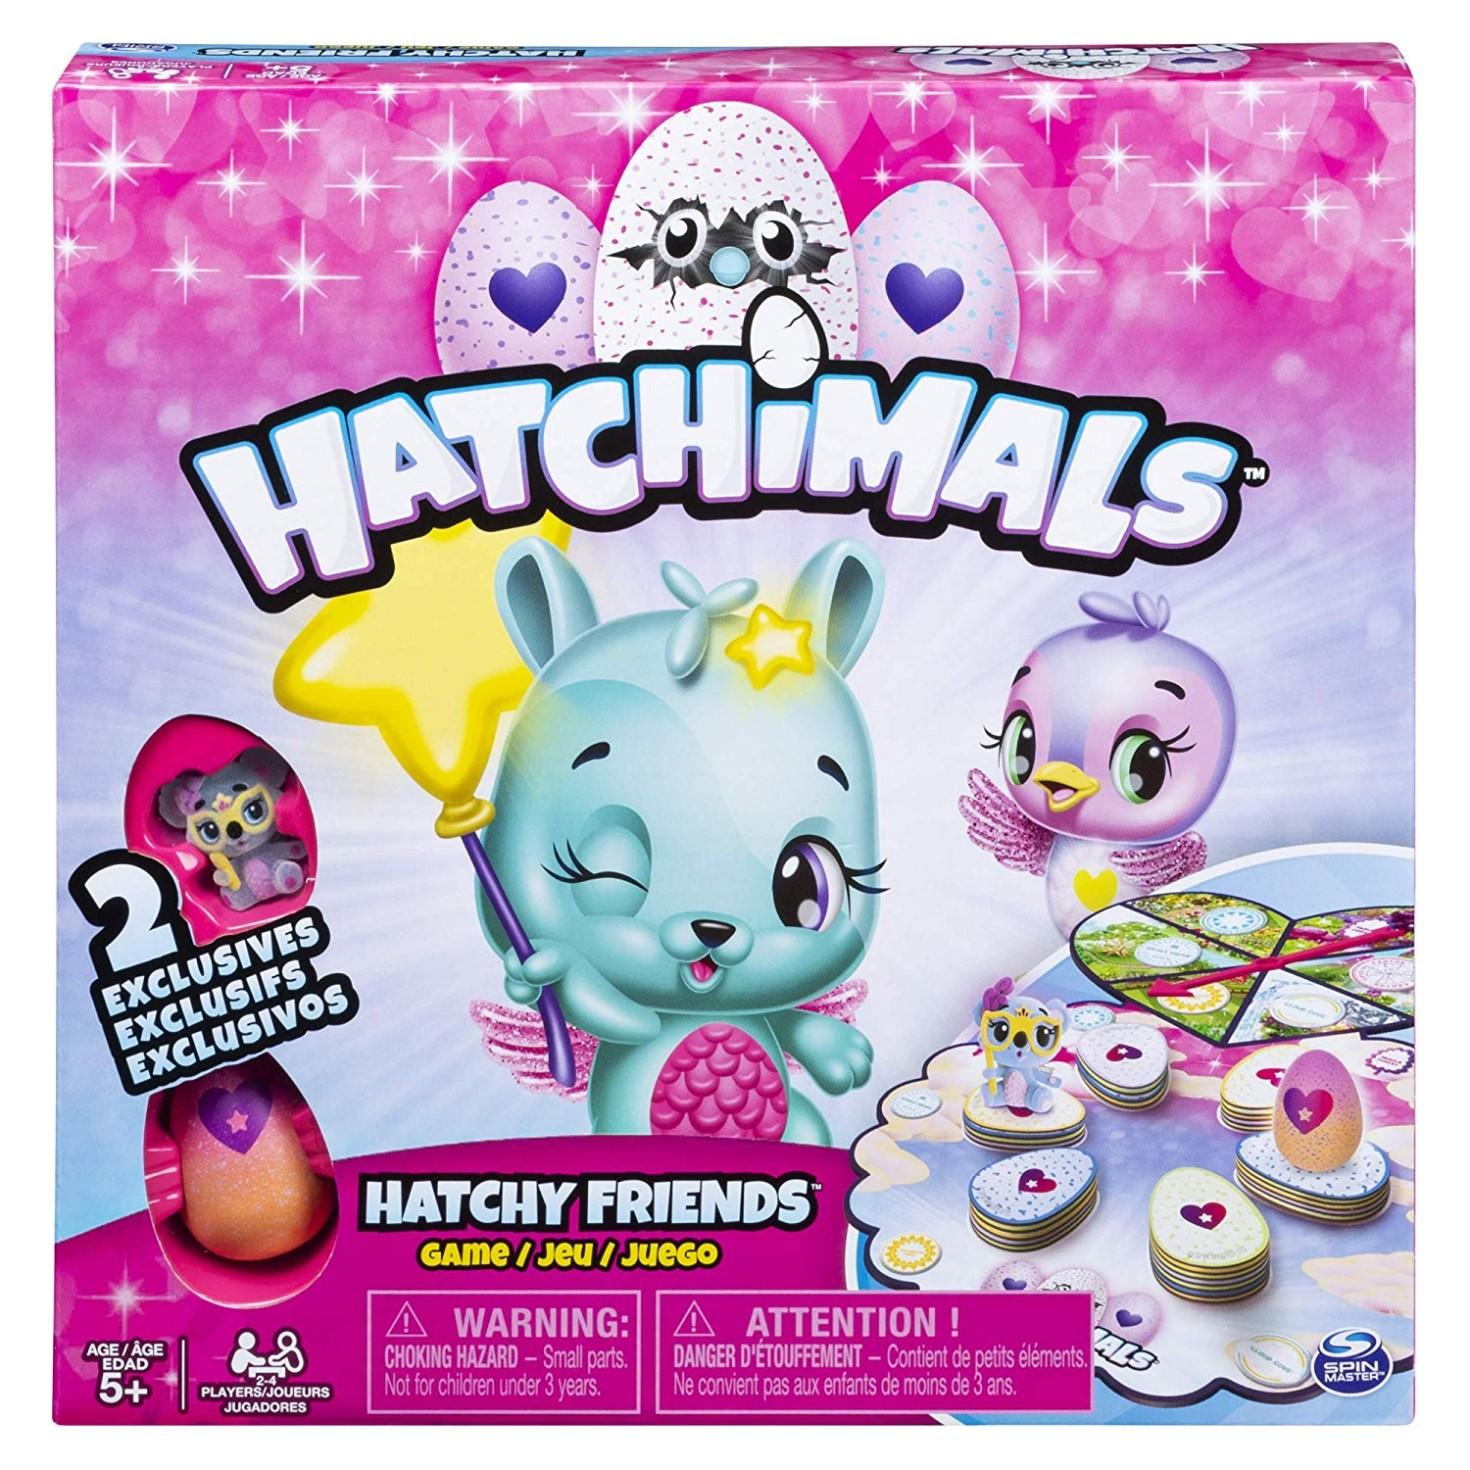 HATCHIMALS HATCHY FRIENDS